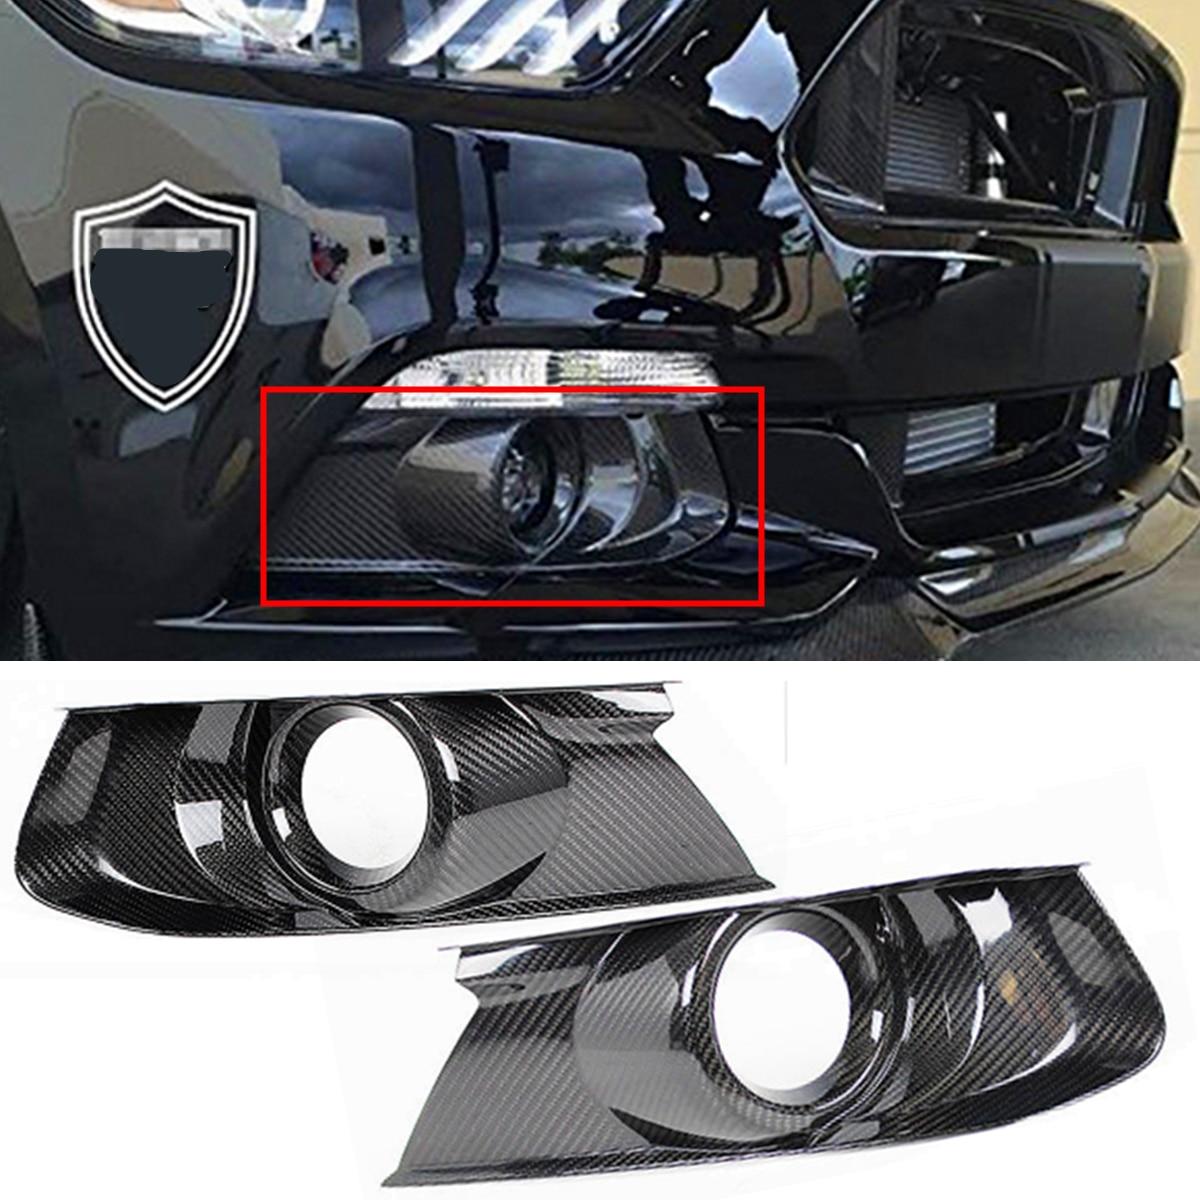 Высокое качество 1 пара Настоящее углеродного волокна передний задний бампер туман света лампы охватывает хвостовые планки для Ford Mustang 2015 ...